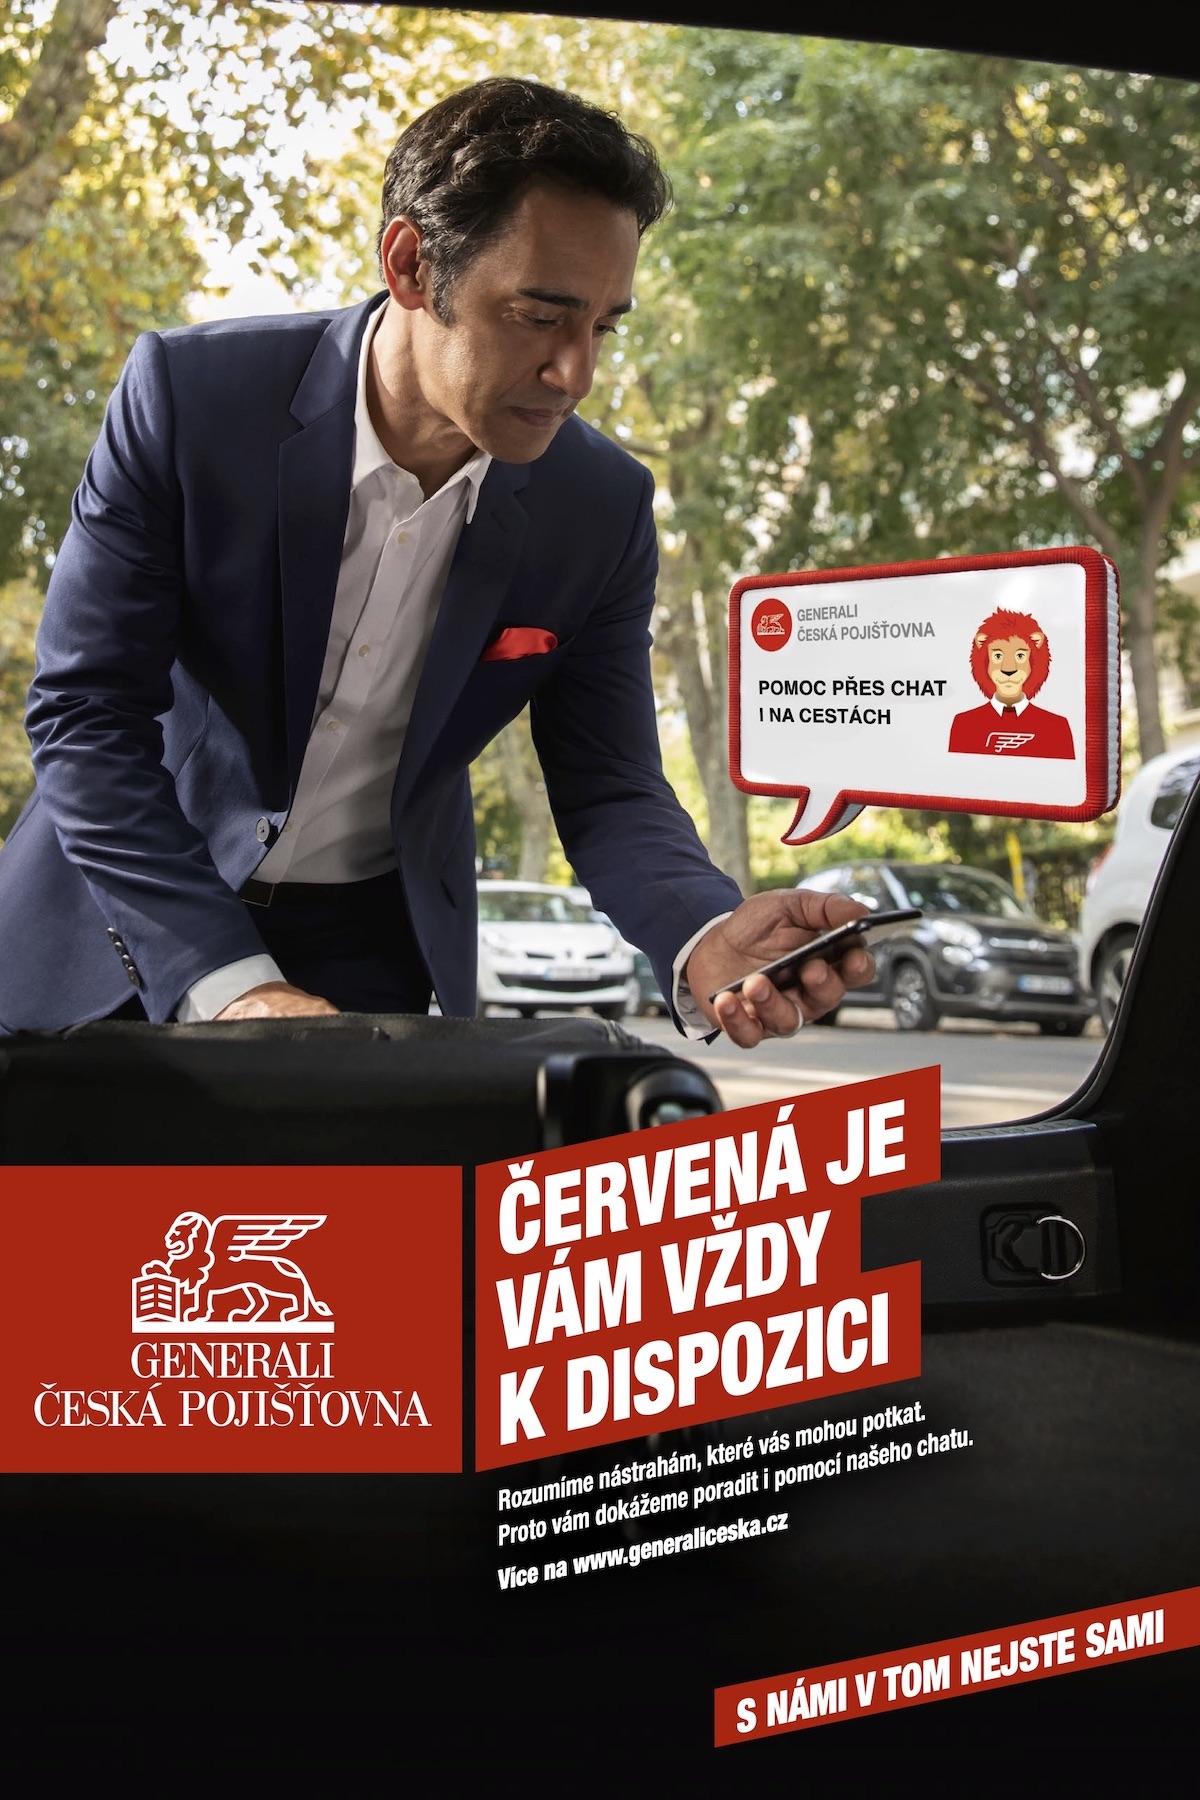 Generali Česká pojišťovna: Červená